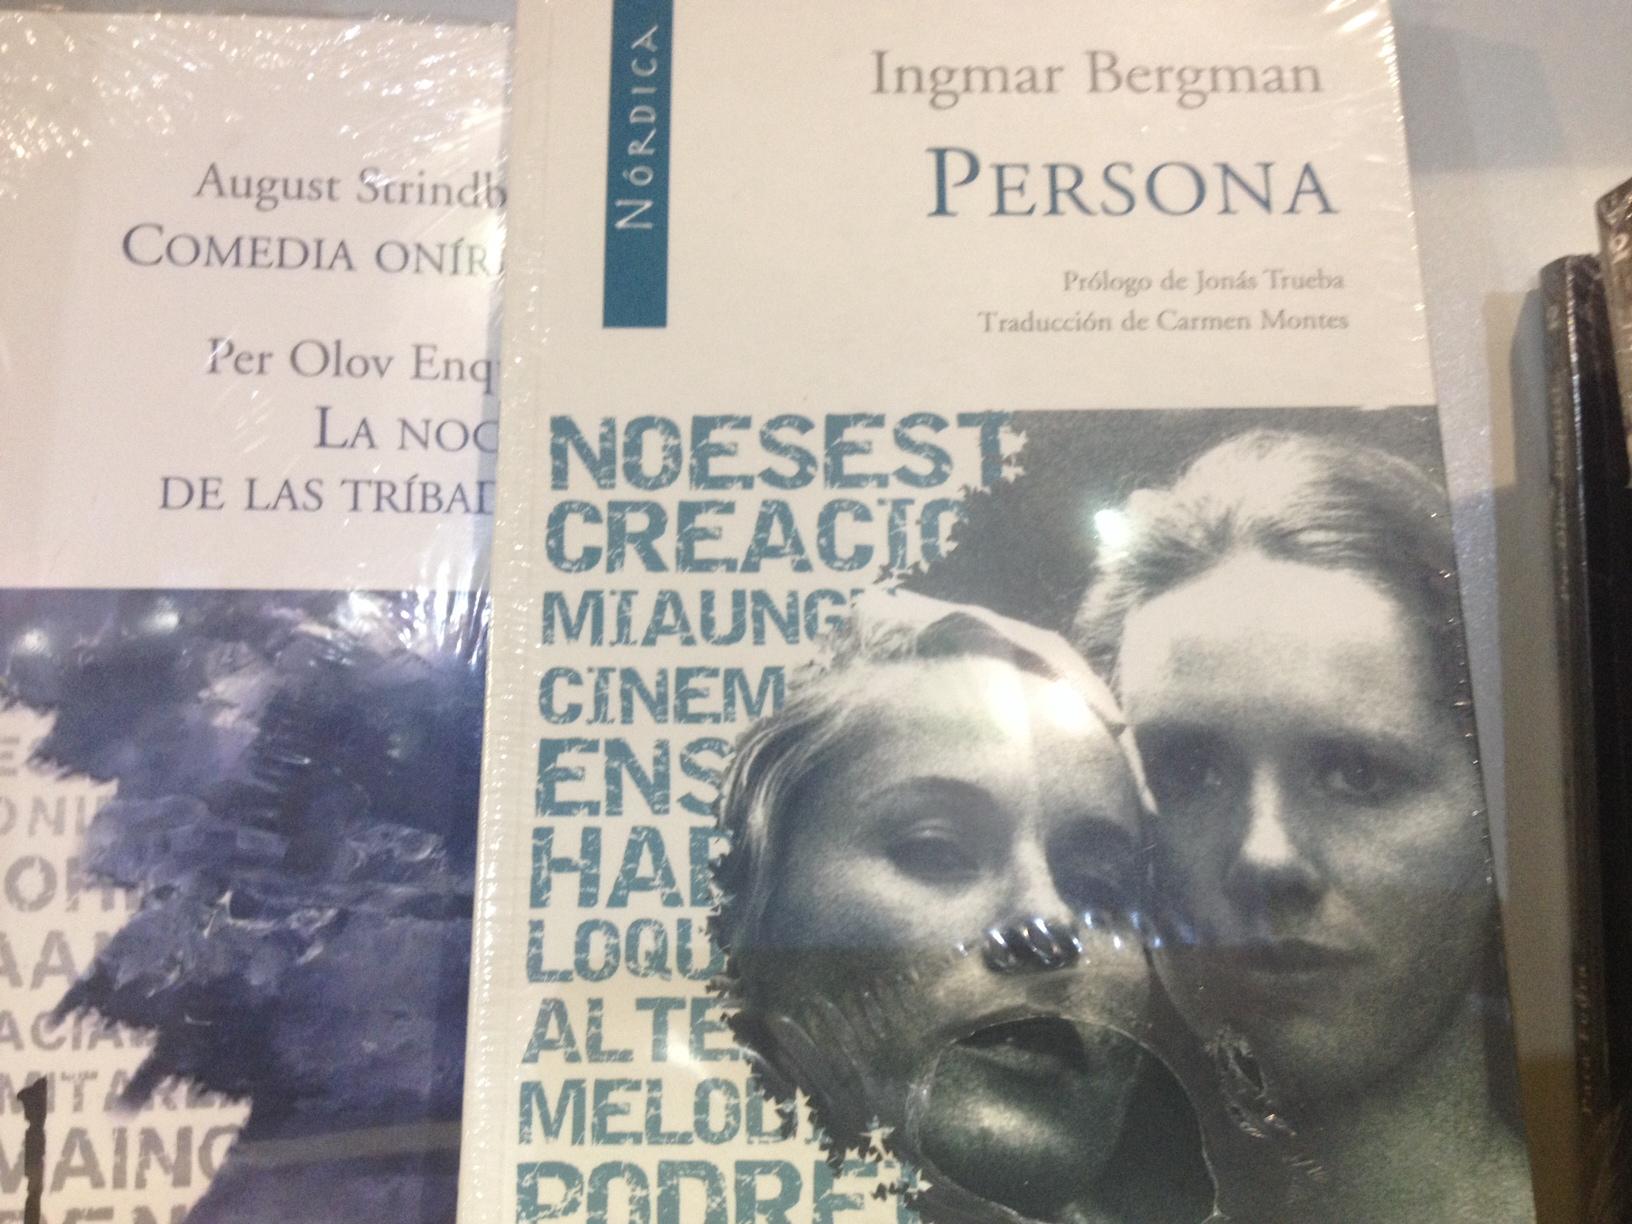 Últimos días para visitar stand Libros Nórdicos: Tranströmer , Bergman, Munch, Jensen